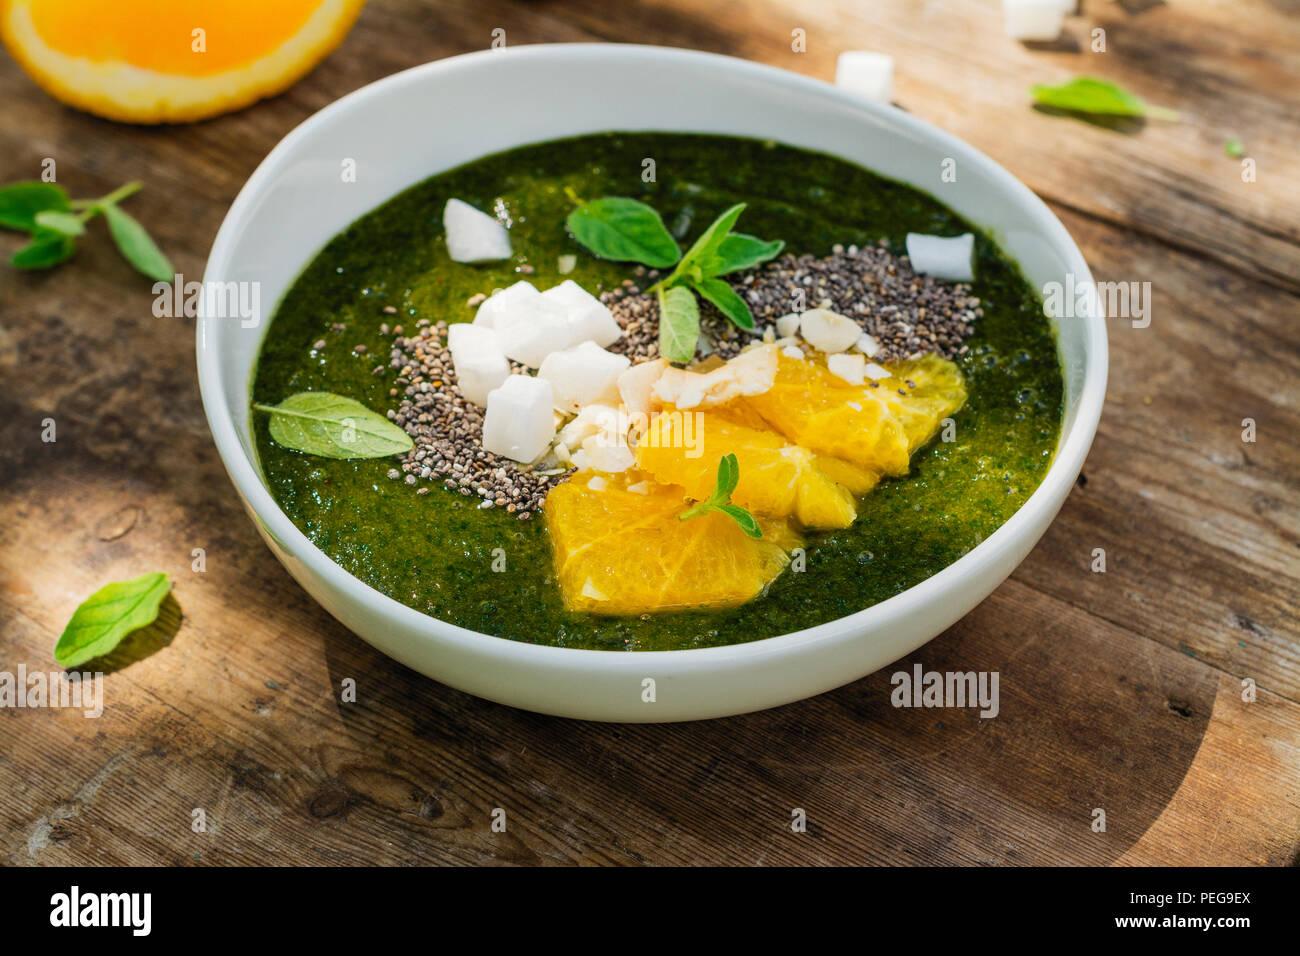 Frullato verde ciotola con banana, spinaci, chia semi e arance Immagini Stock